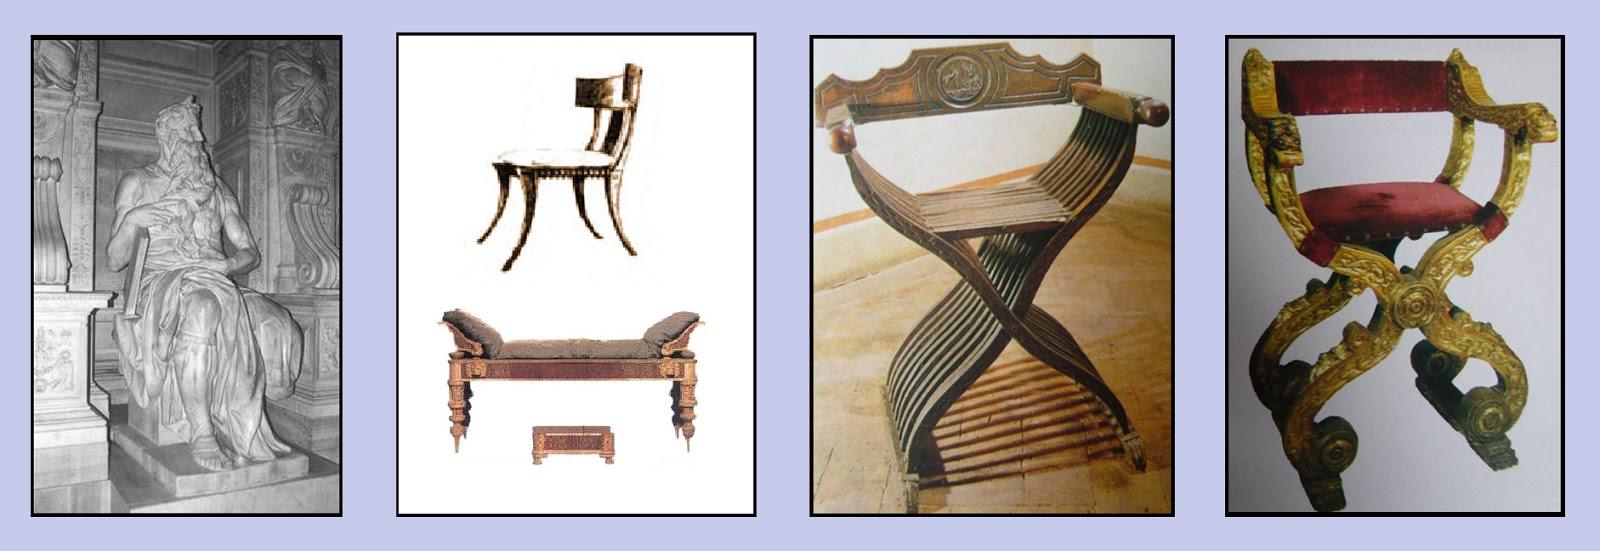 Mobiliario romano | Gladiatrix ,antigua roma